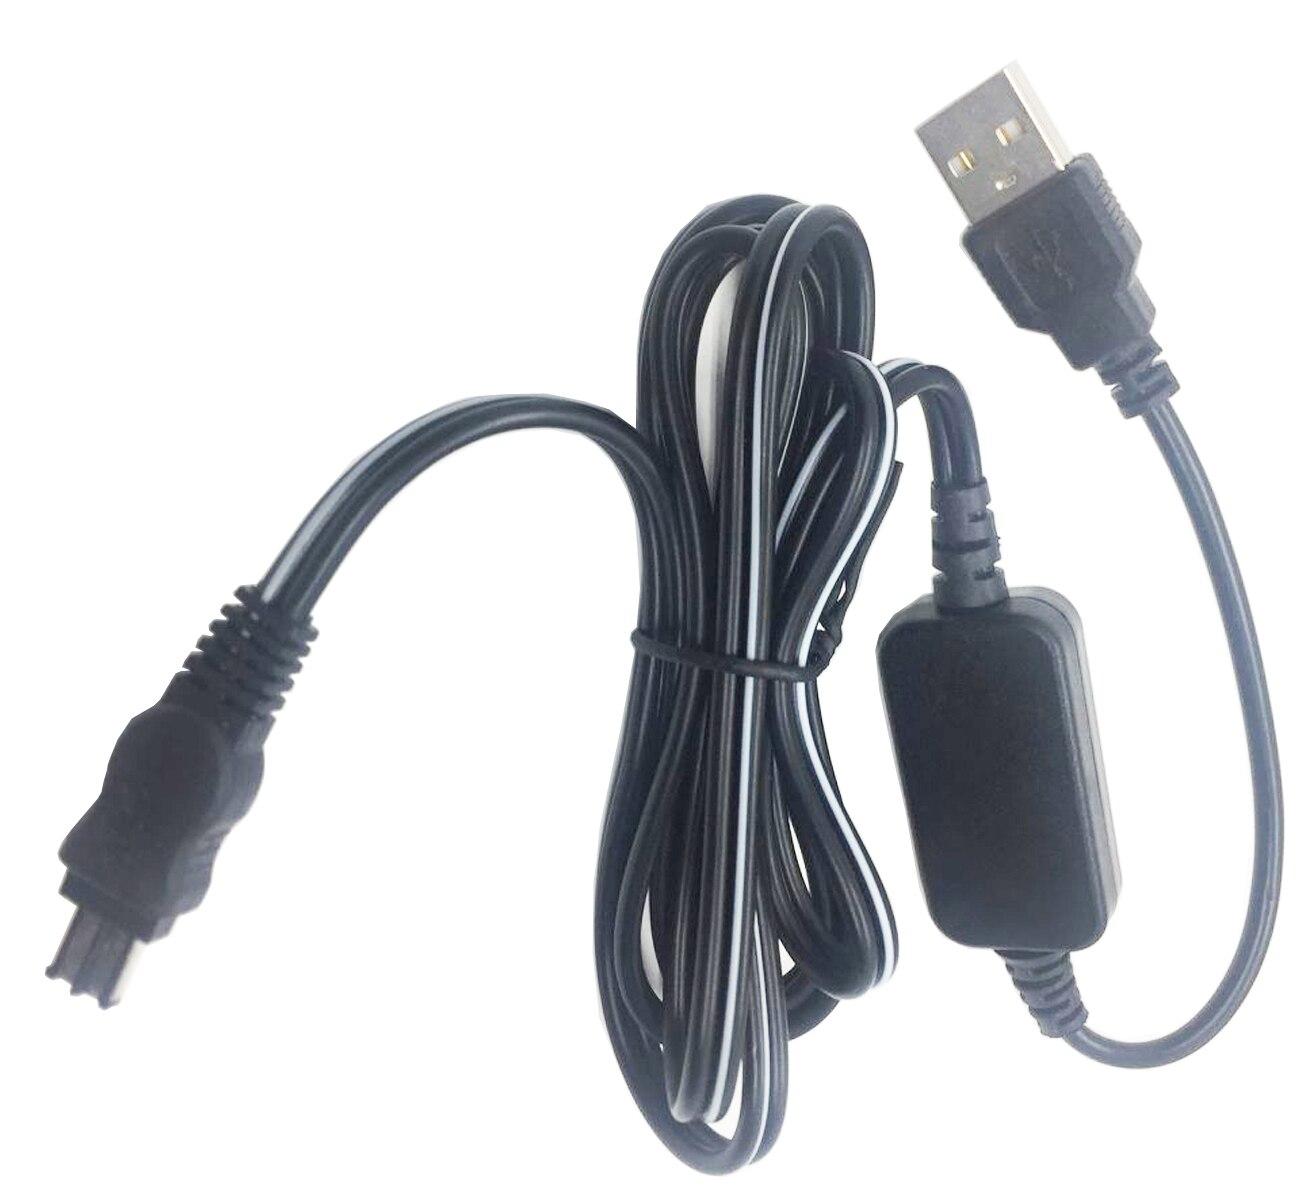 Cargador cable de alimentación para Sony dcr-trv310e